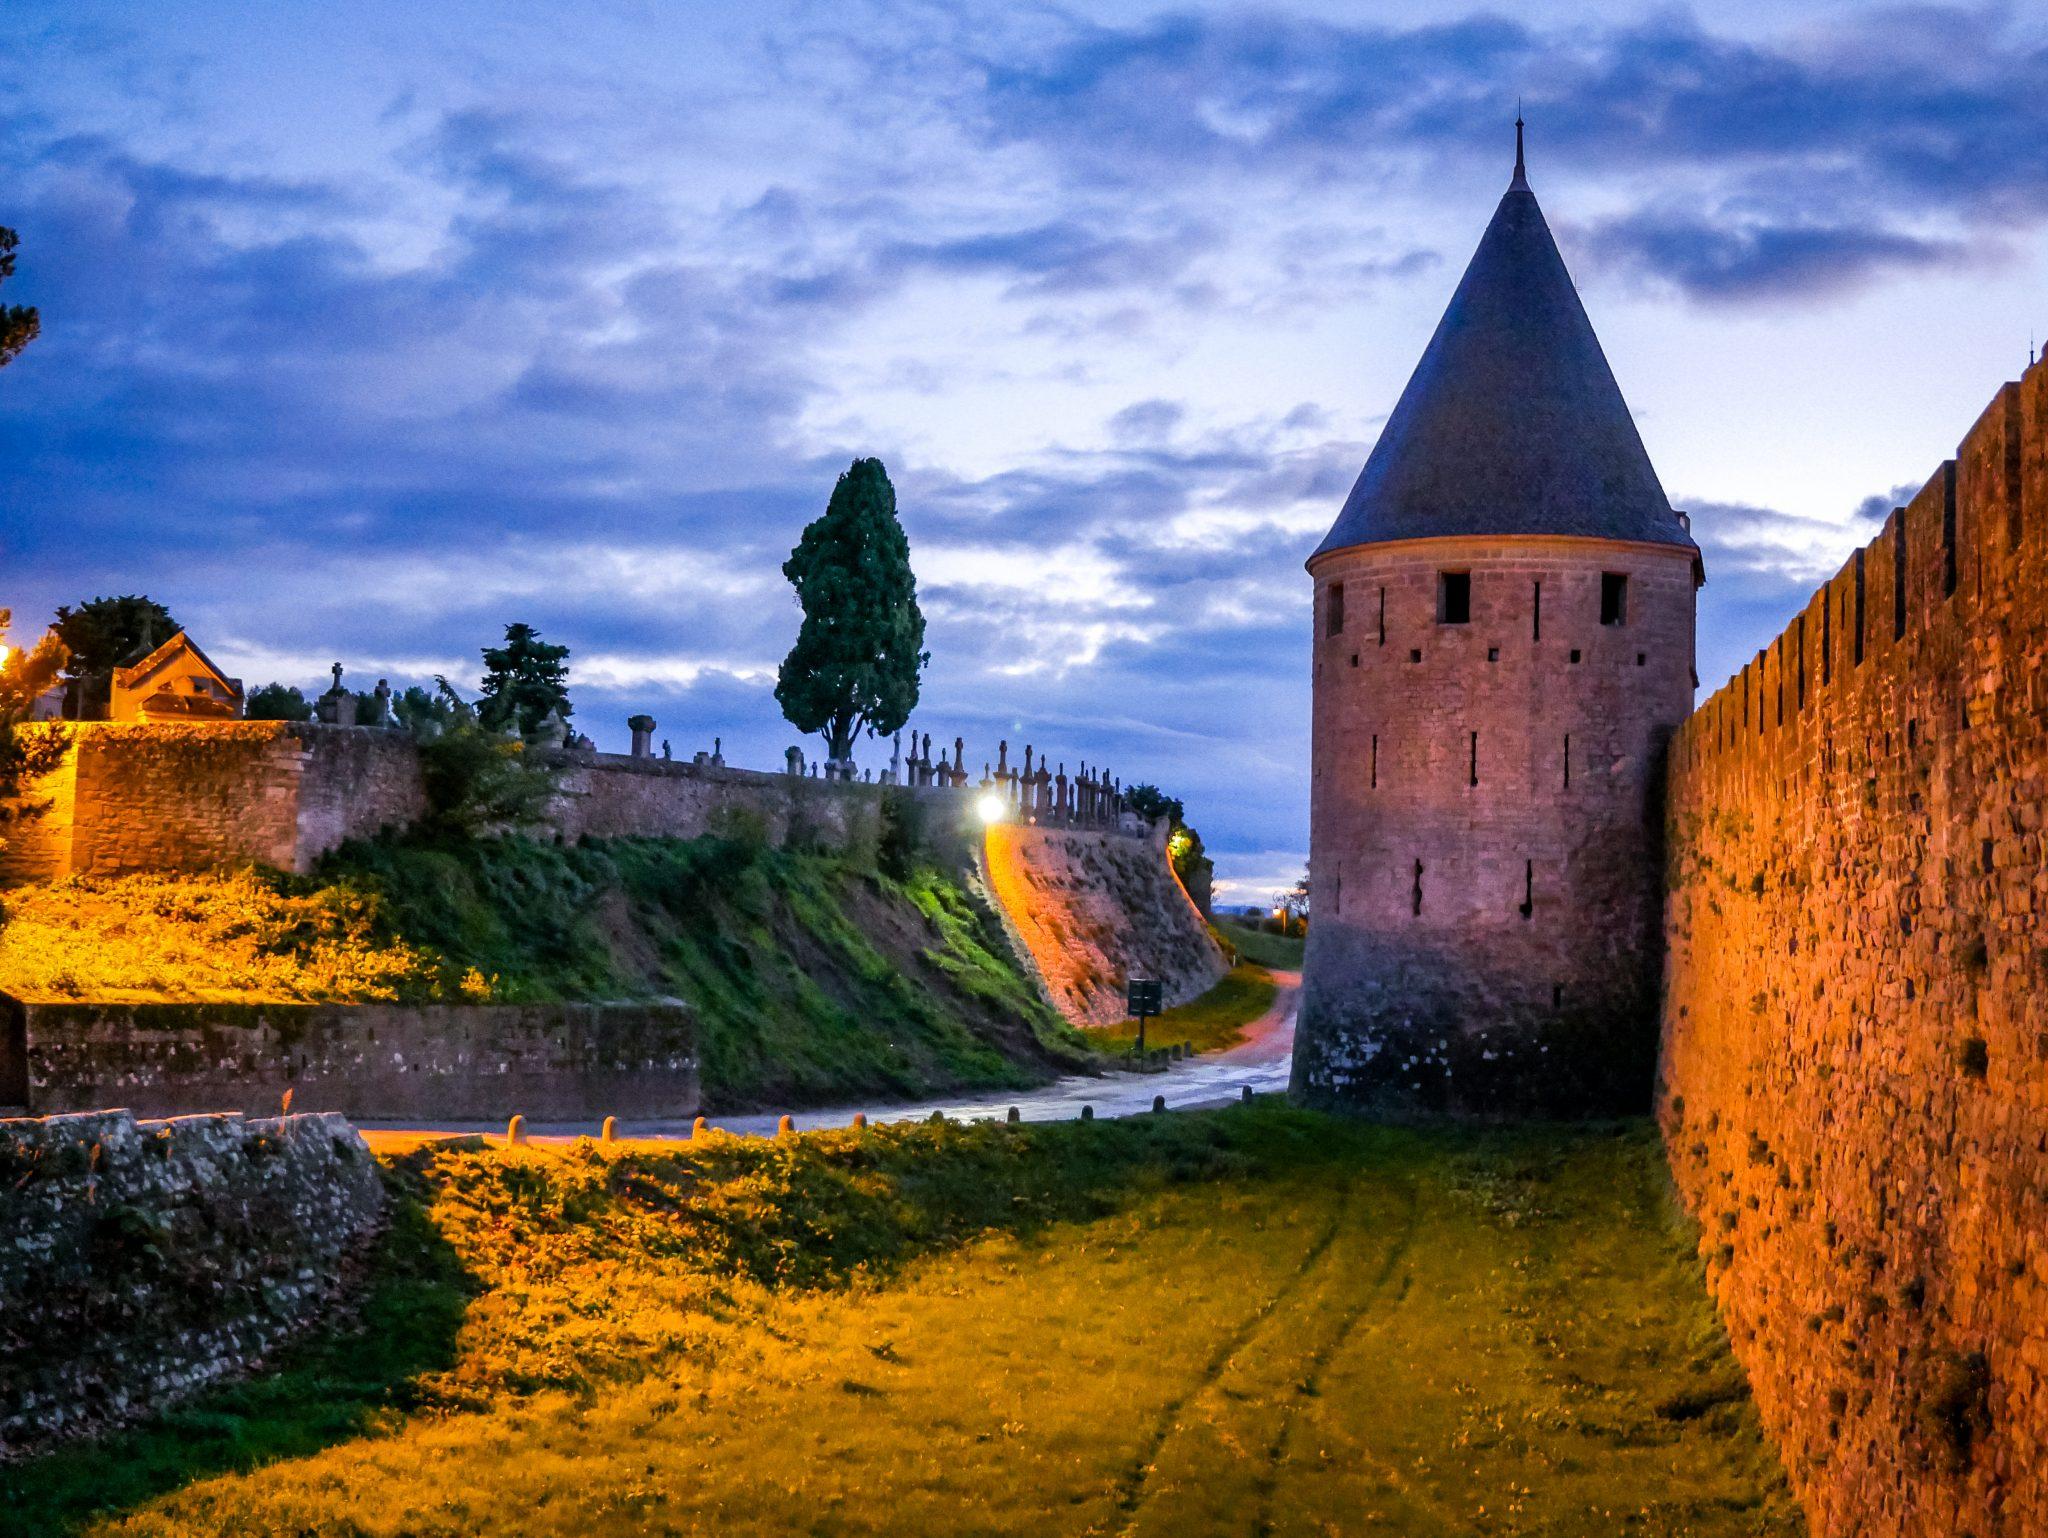 Vor der Festung Cité de Carcassonne befindet sich ein riesengroßer Friedhof.